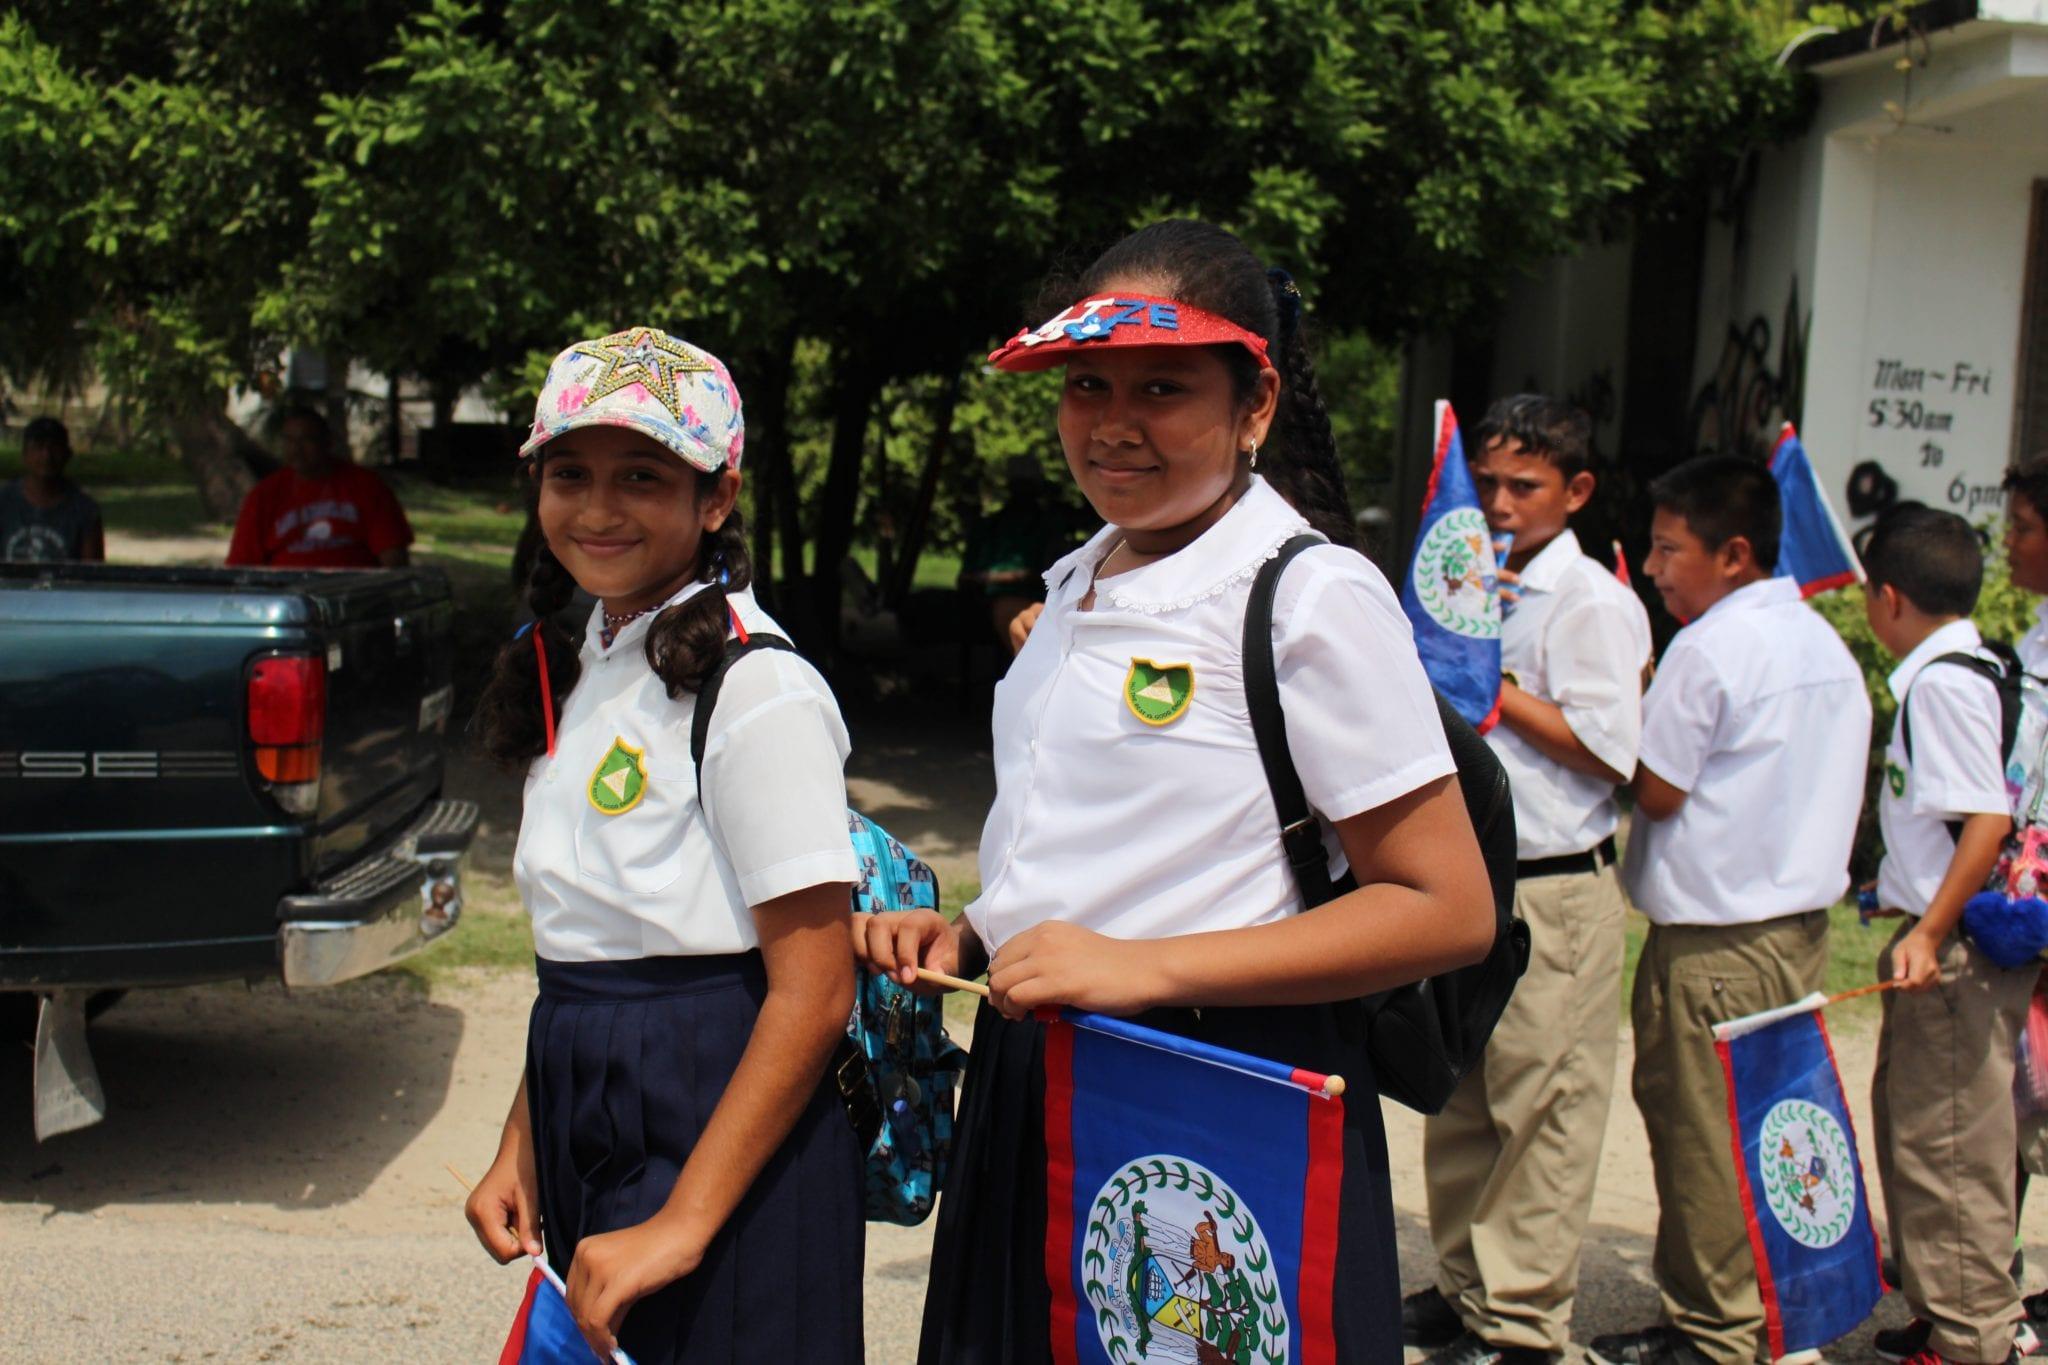 School Children March in Celebration